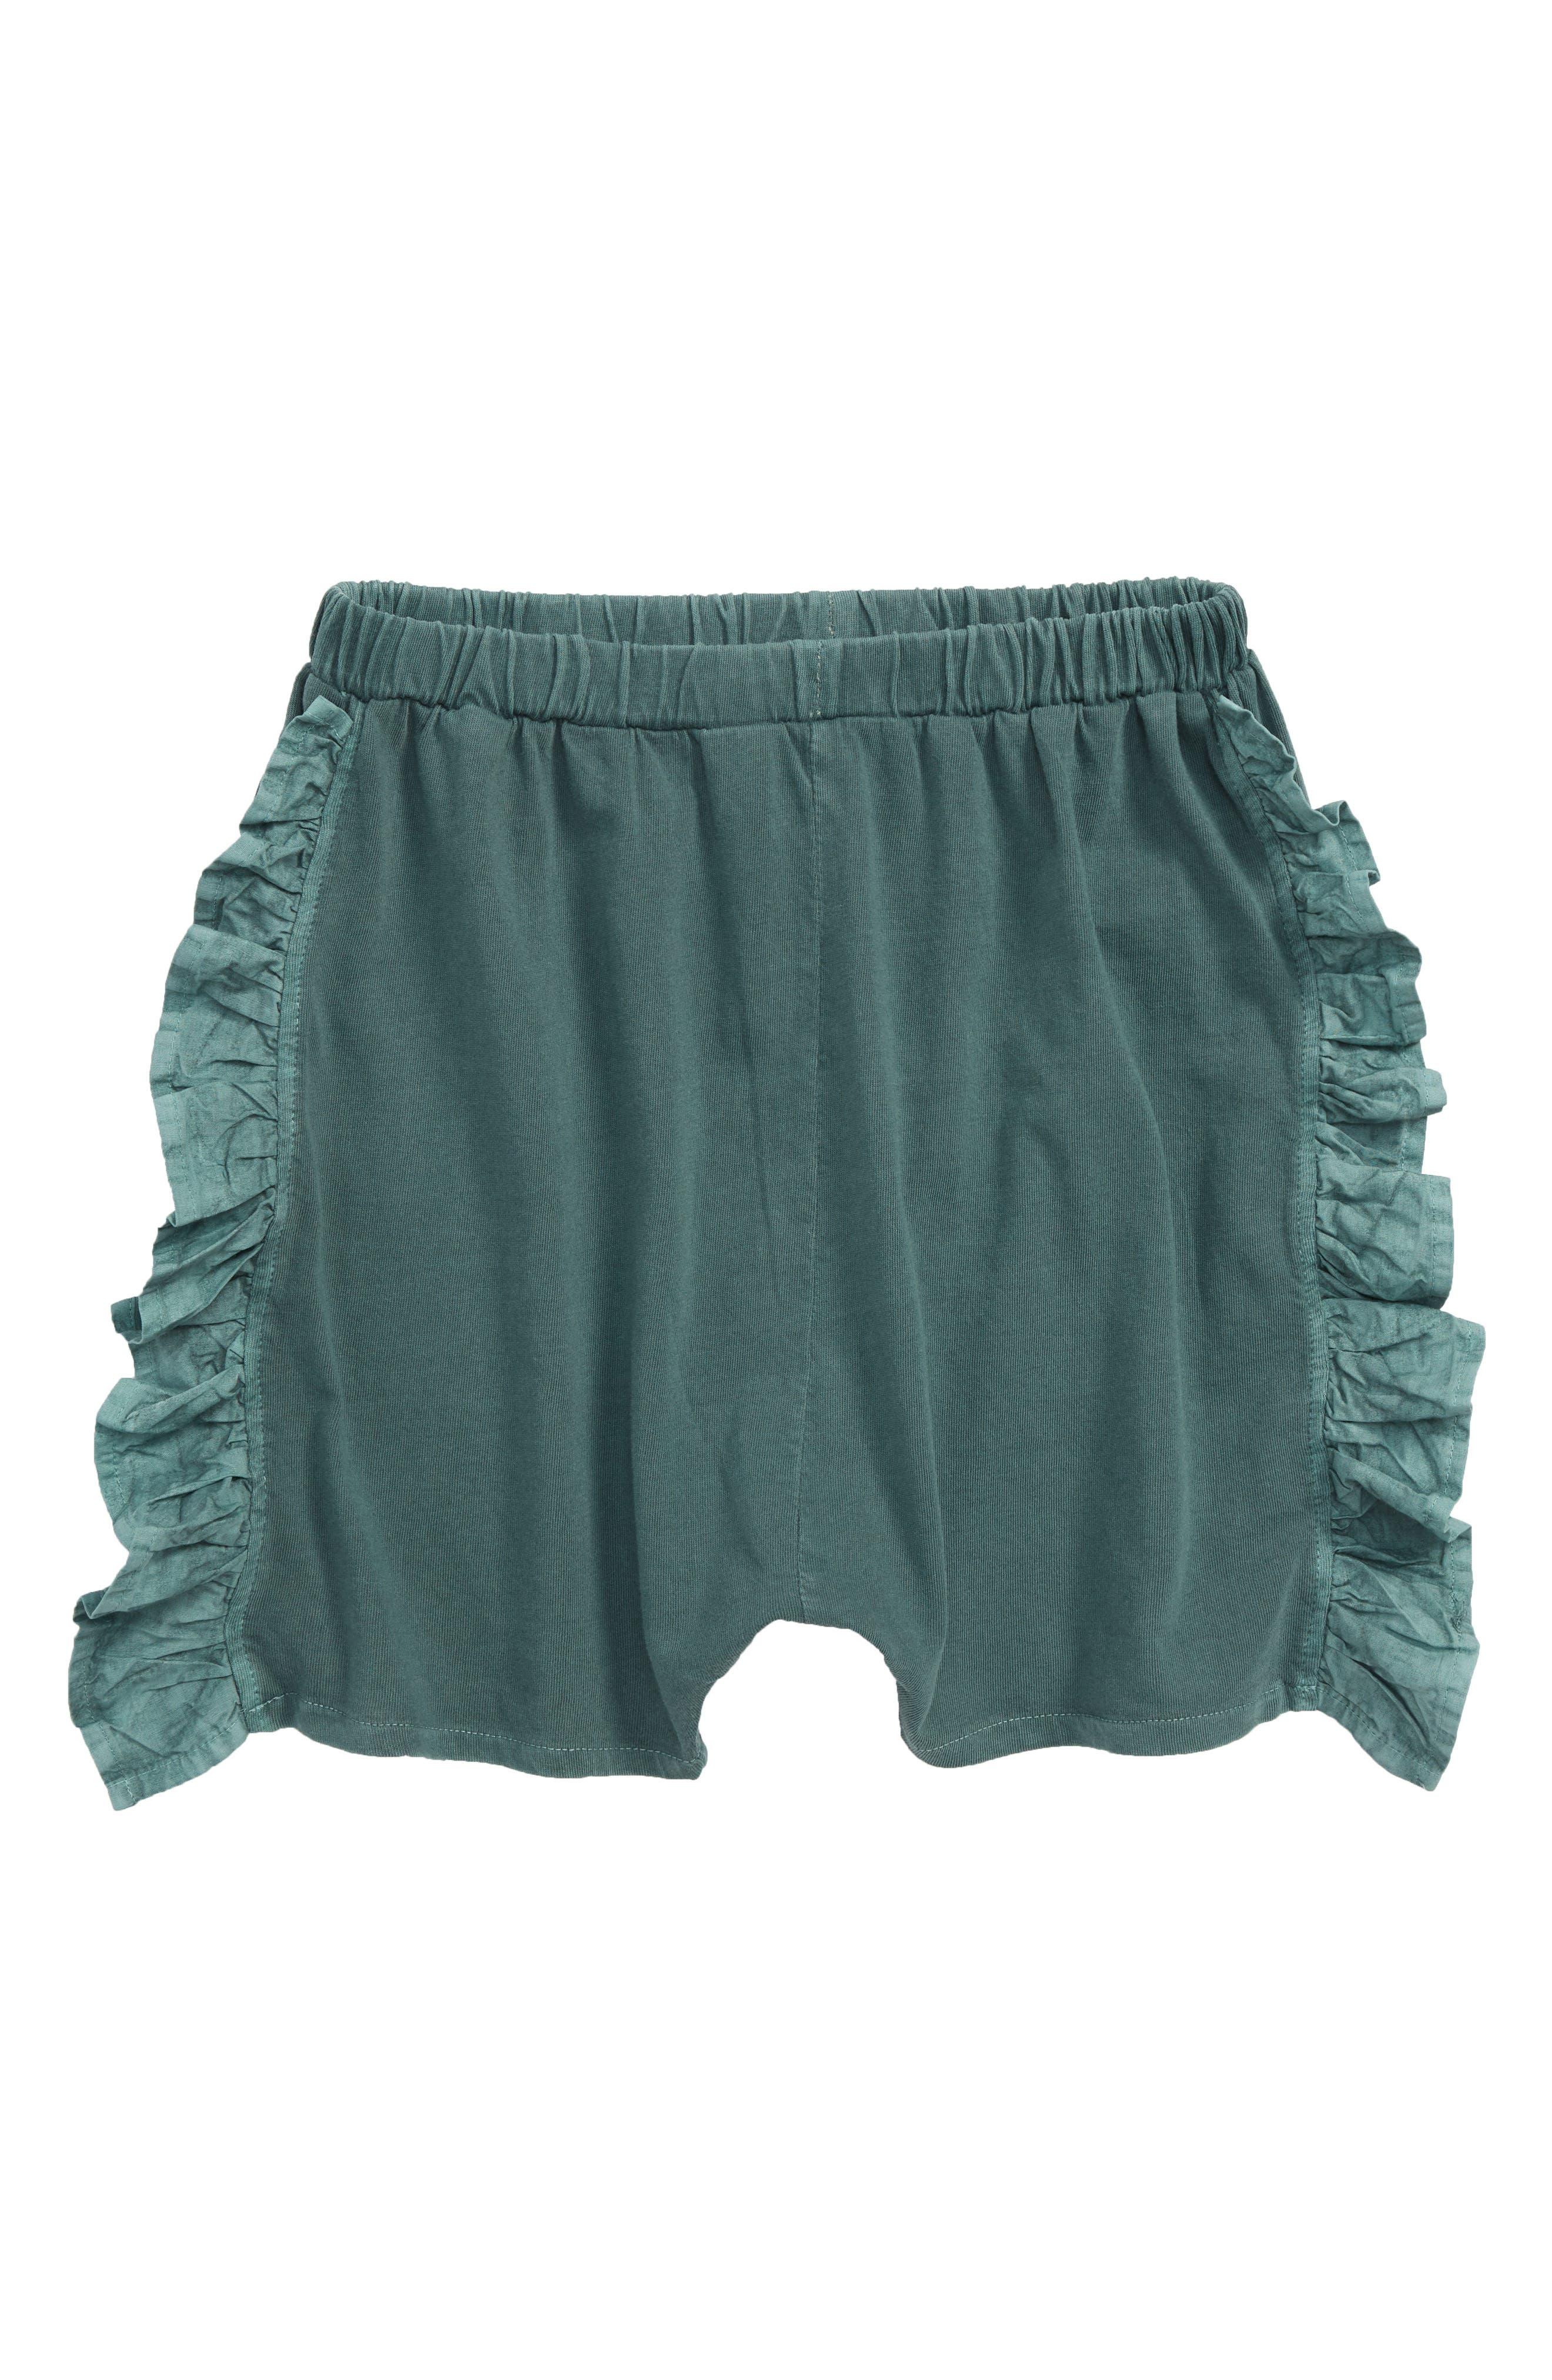 Ruffle Knit Short,                             Main thumbnail 1, color,                             Green Agave